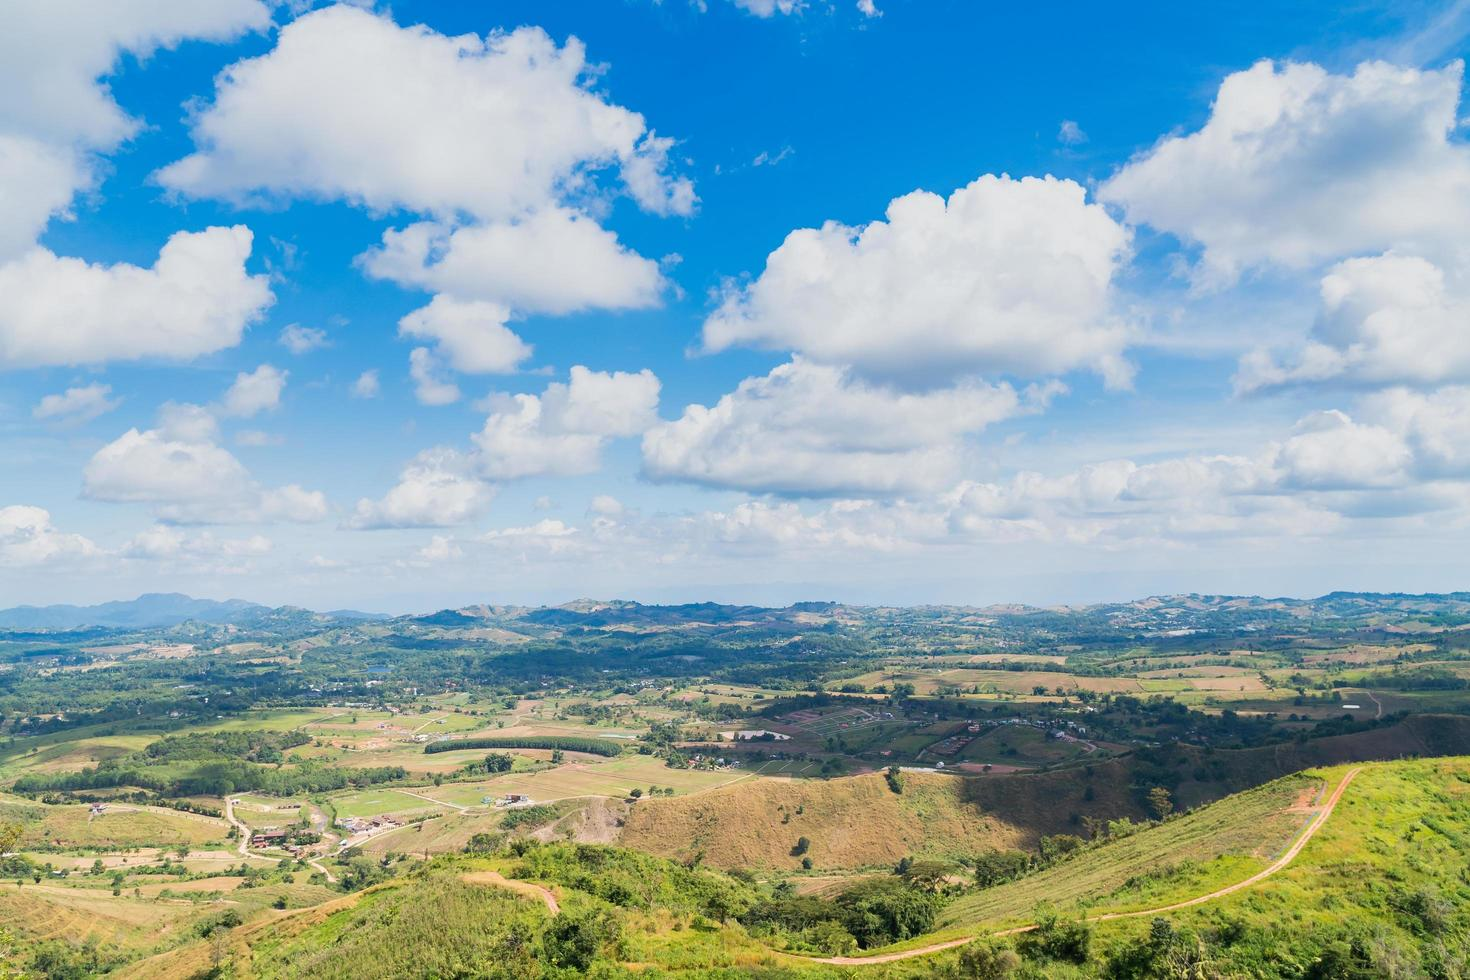 paesaggio di foreste e montagne in thailandia foto